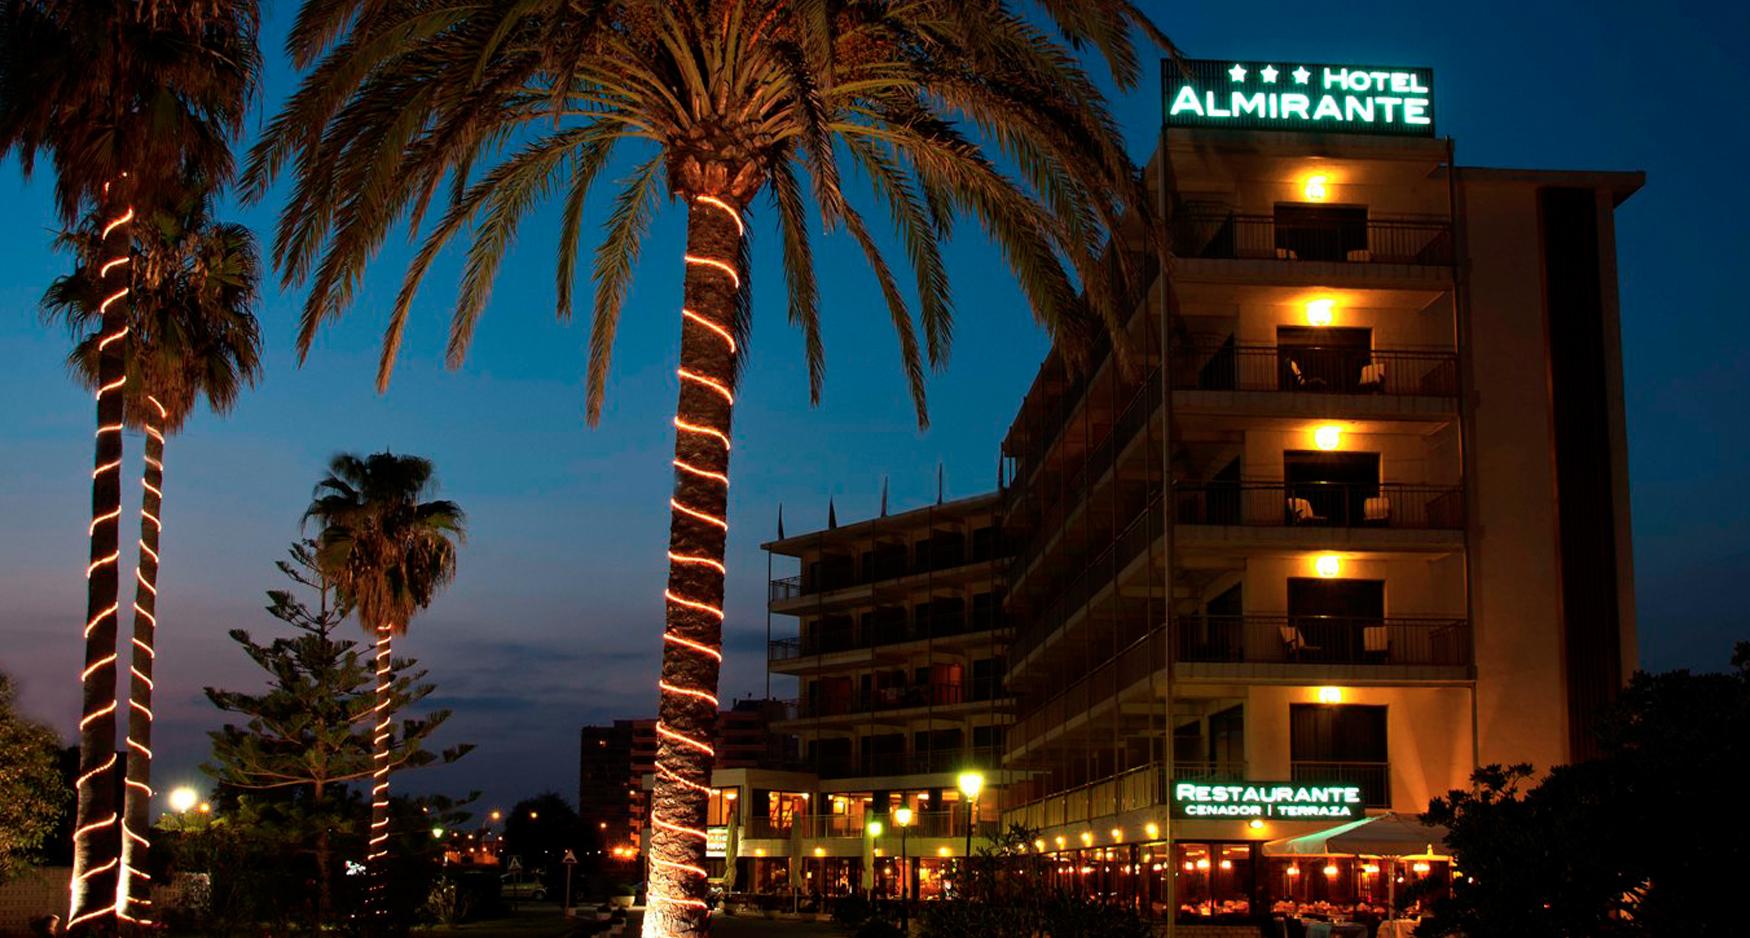 Hotel Almirante - APHA asocacion de hoteles y alojamientos turisticos de la provincia de Alicante 2